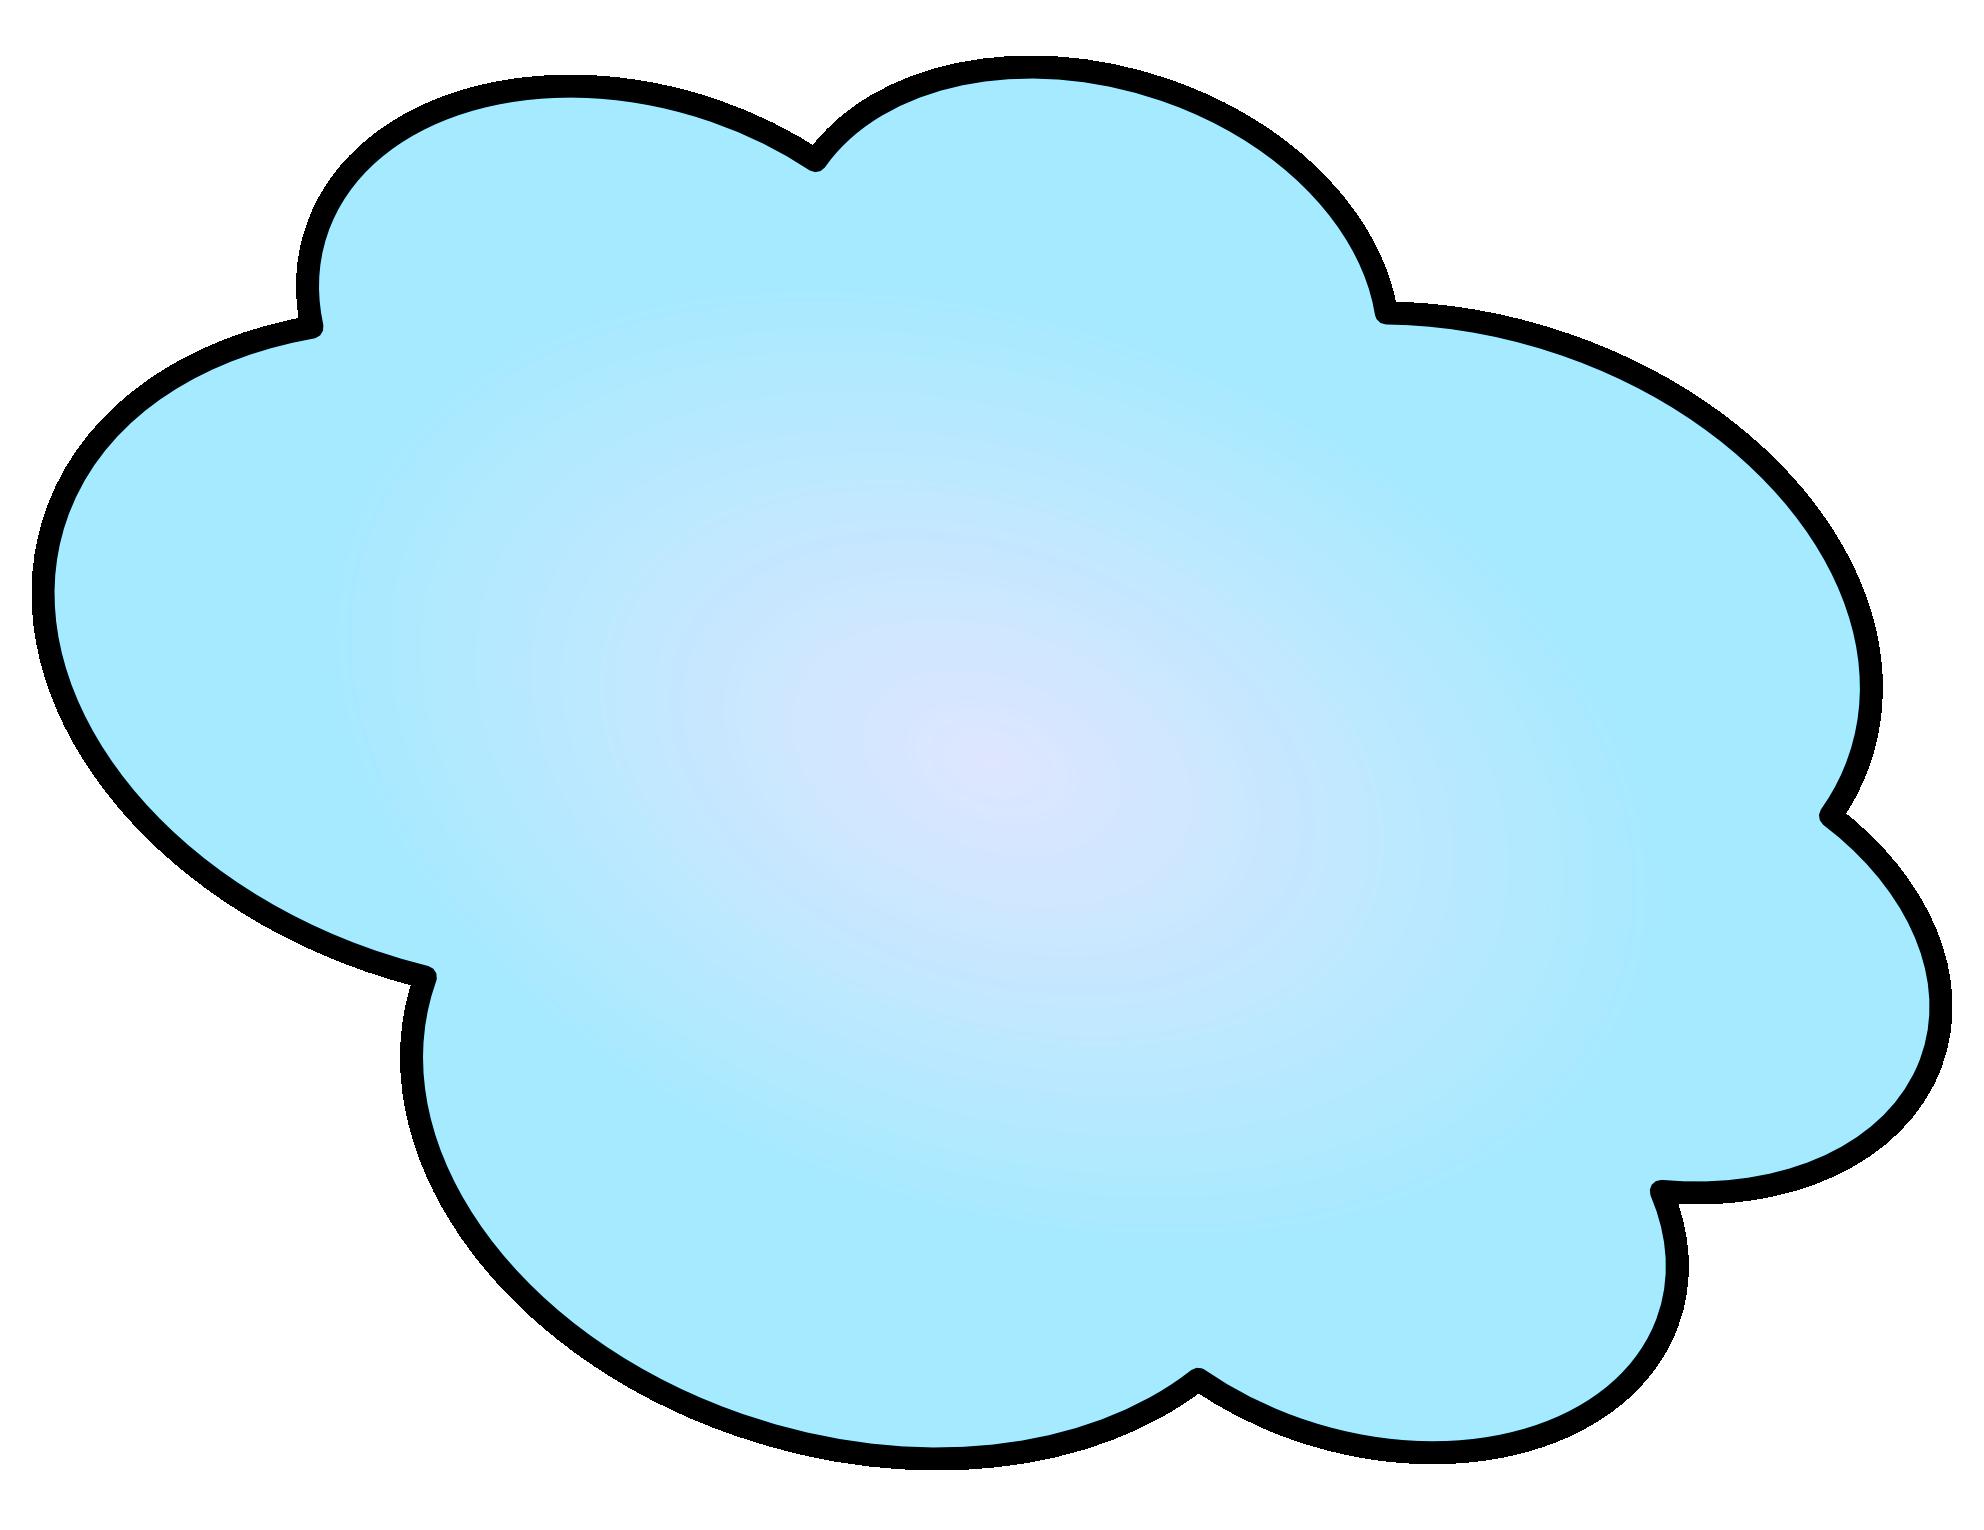 Png transparent image pngpix. Cloud clipart vector